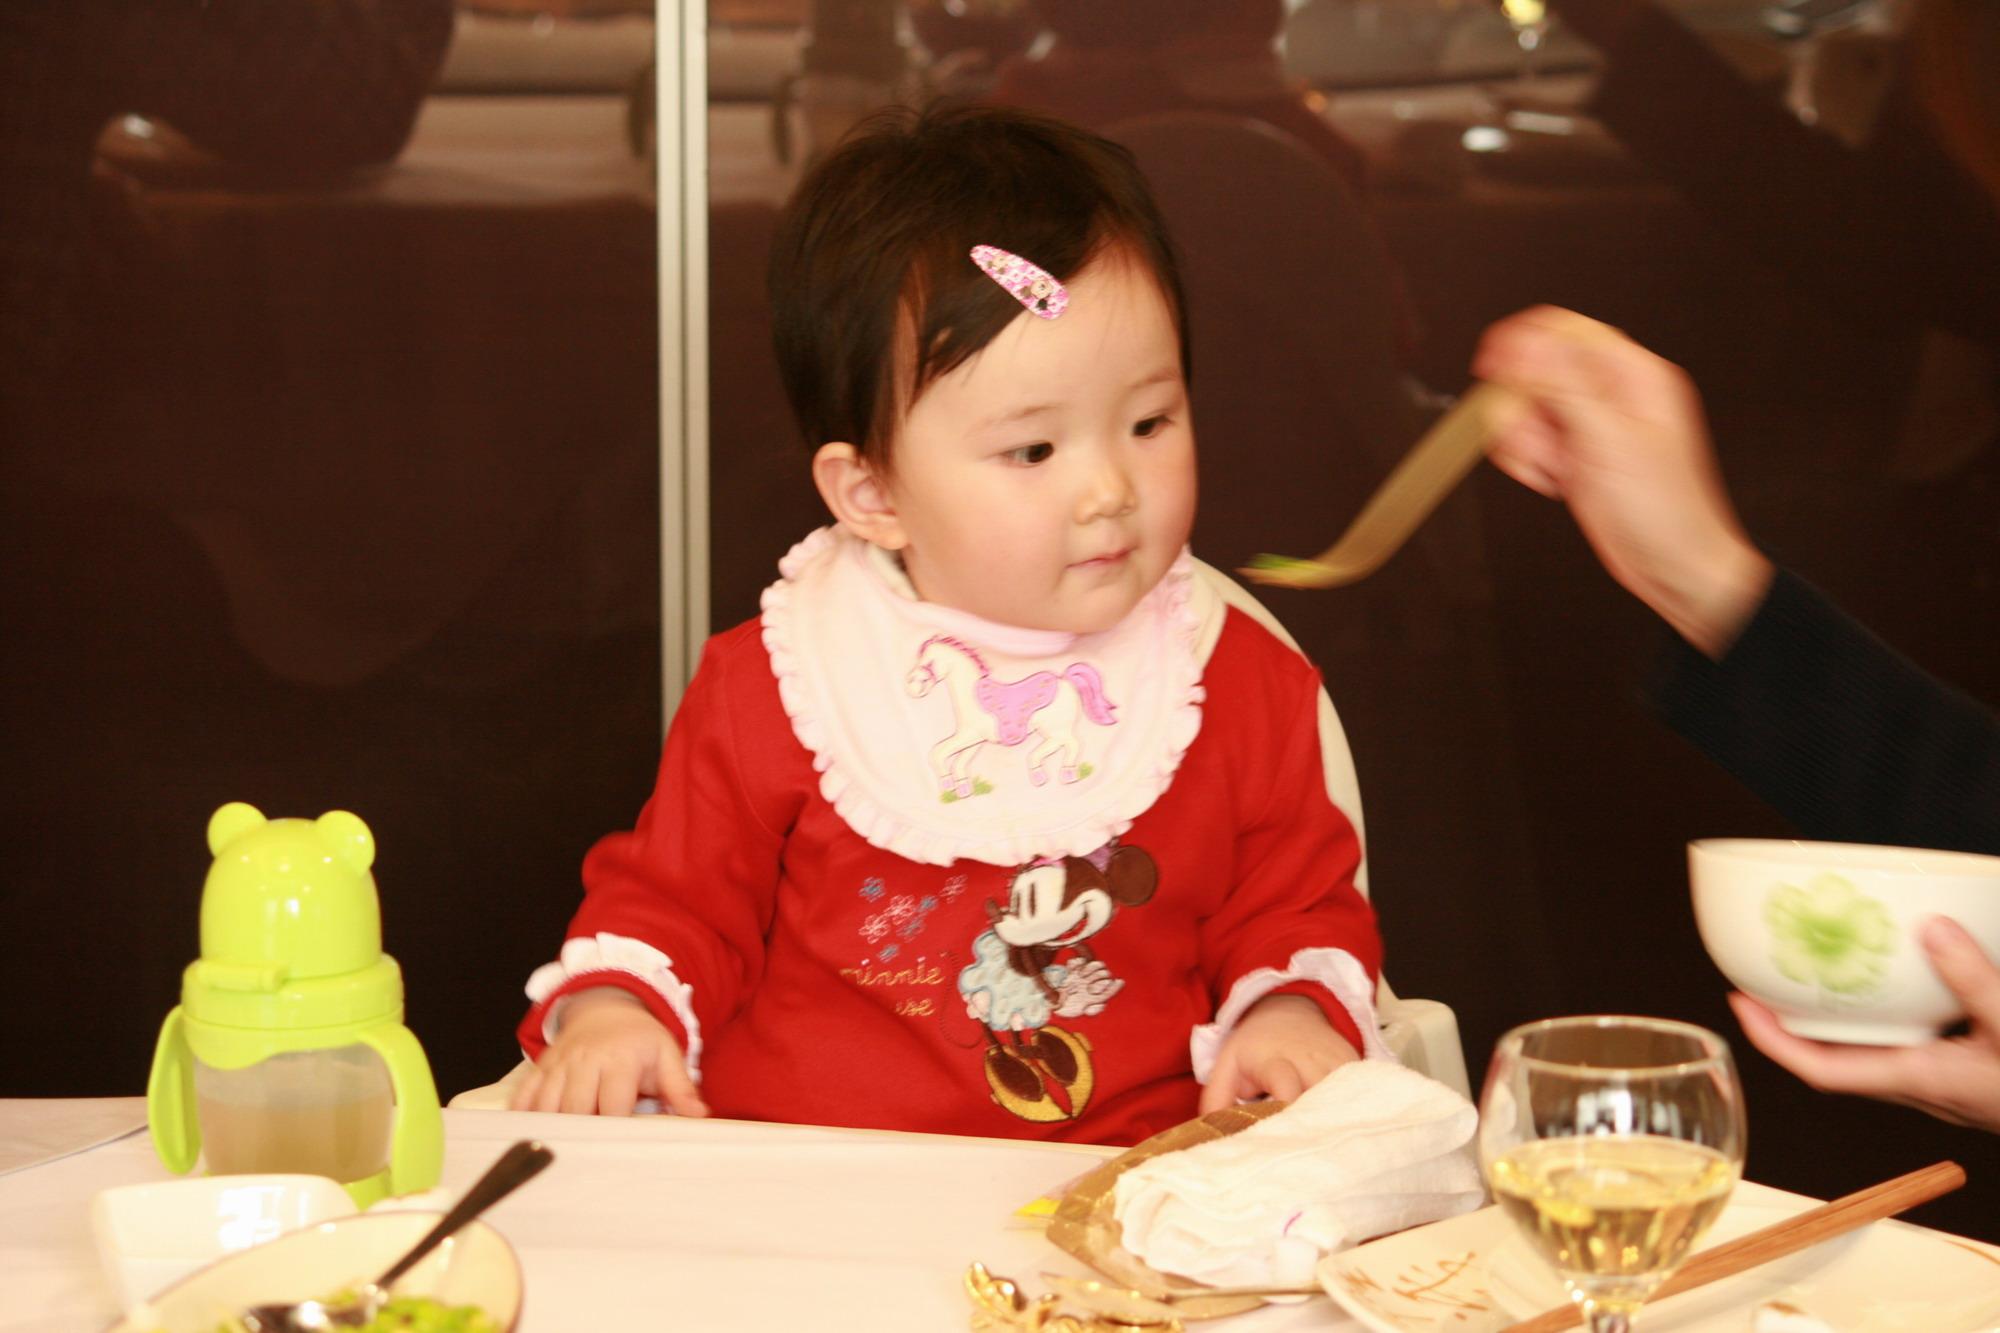 《父母世界》征集:(征集结束)宝宝吃饭时的可爱瞬间(照片)